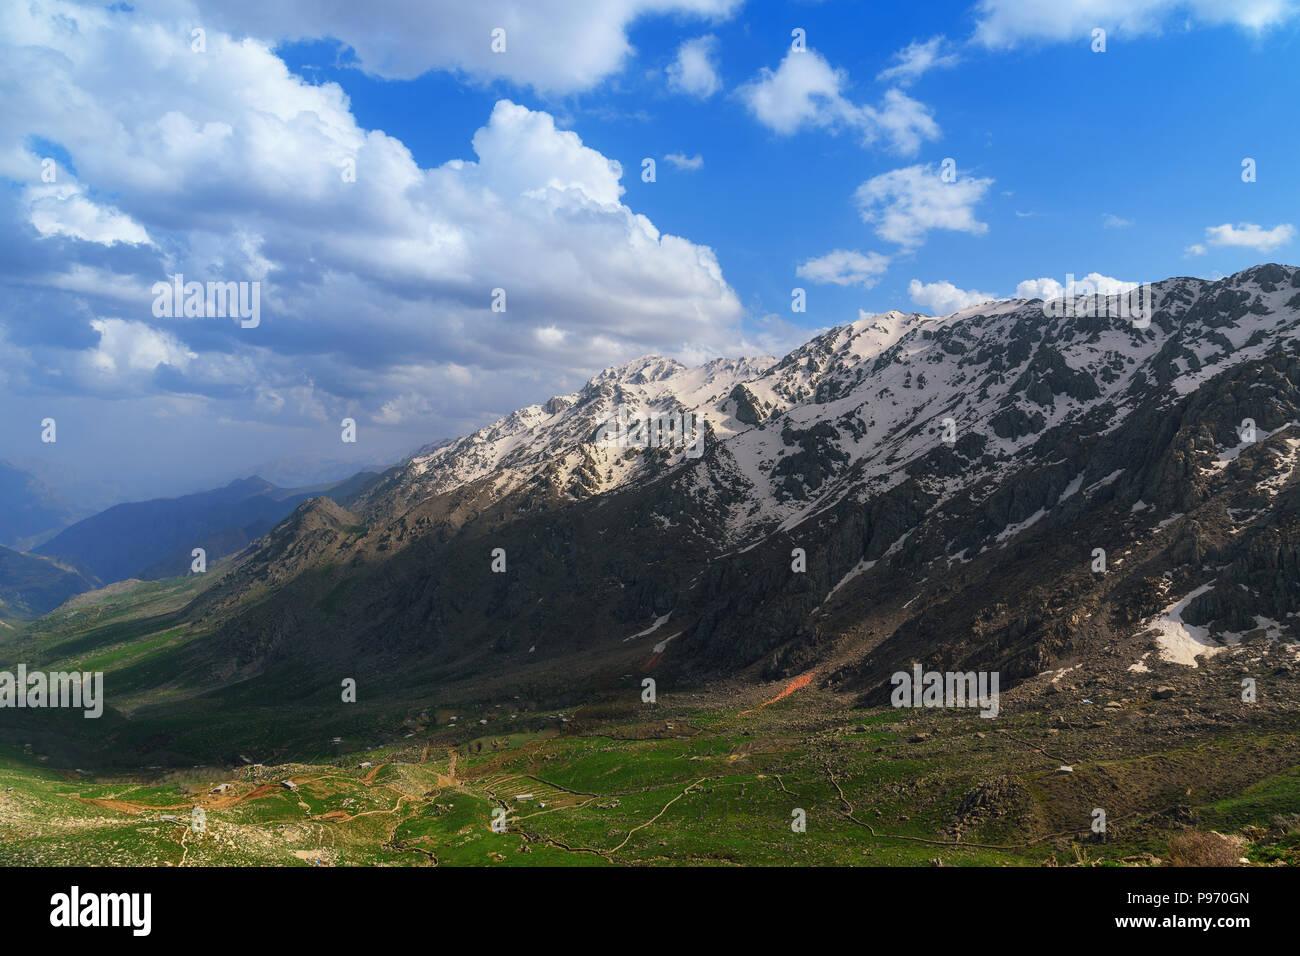 Vista sobre el valle Howraman en montaña de Zagros. Provincia de Kurdistán, Irán. Foto de stock